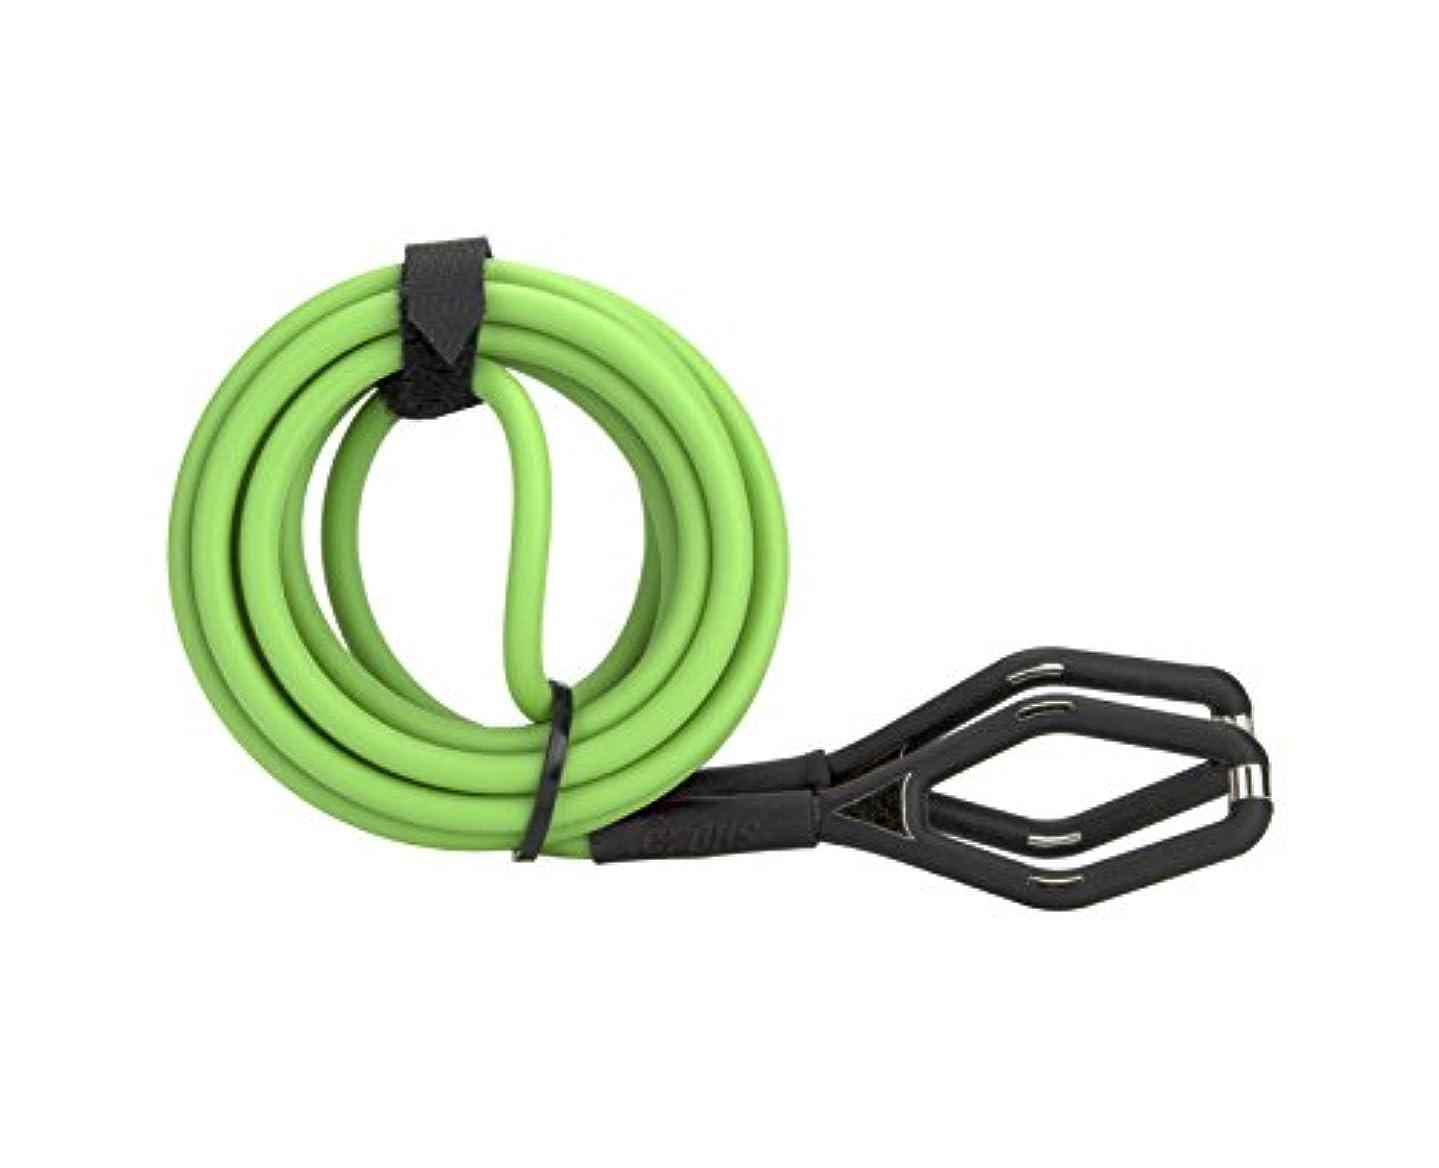 にぎやか受け皿誰がcrops(クロップス) ユニバーサルケーブル DLC-5180 Φ5×1800mm グリーン